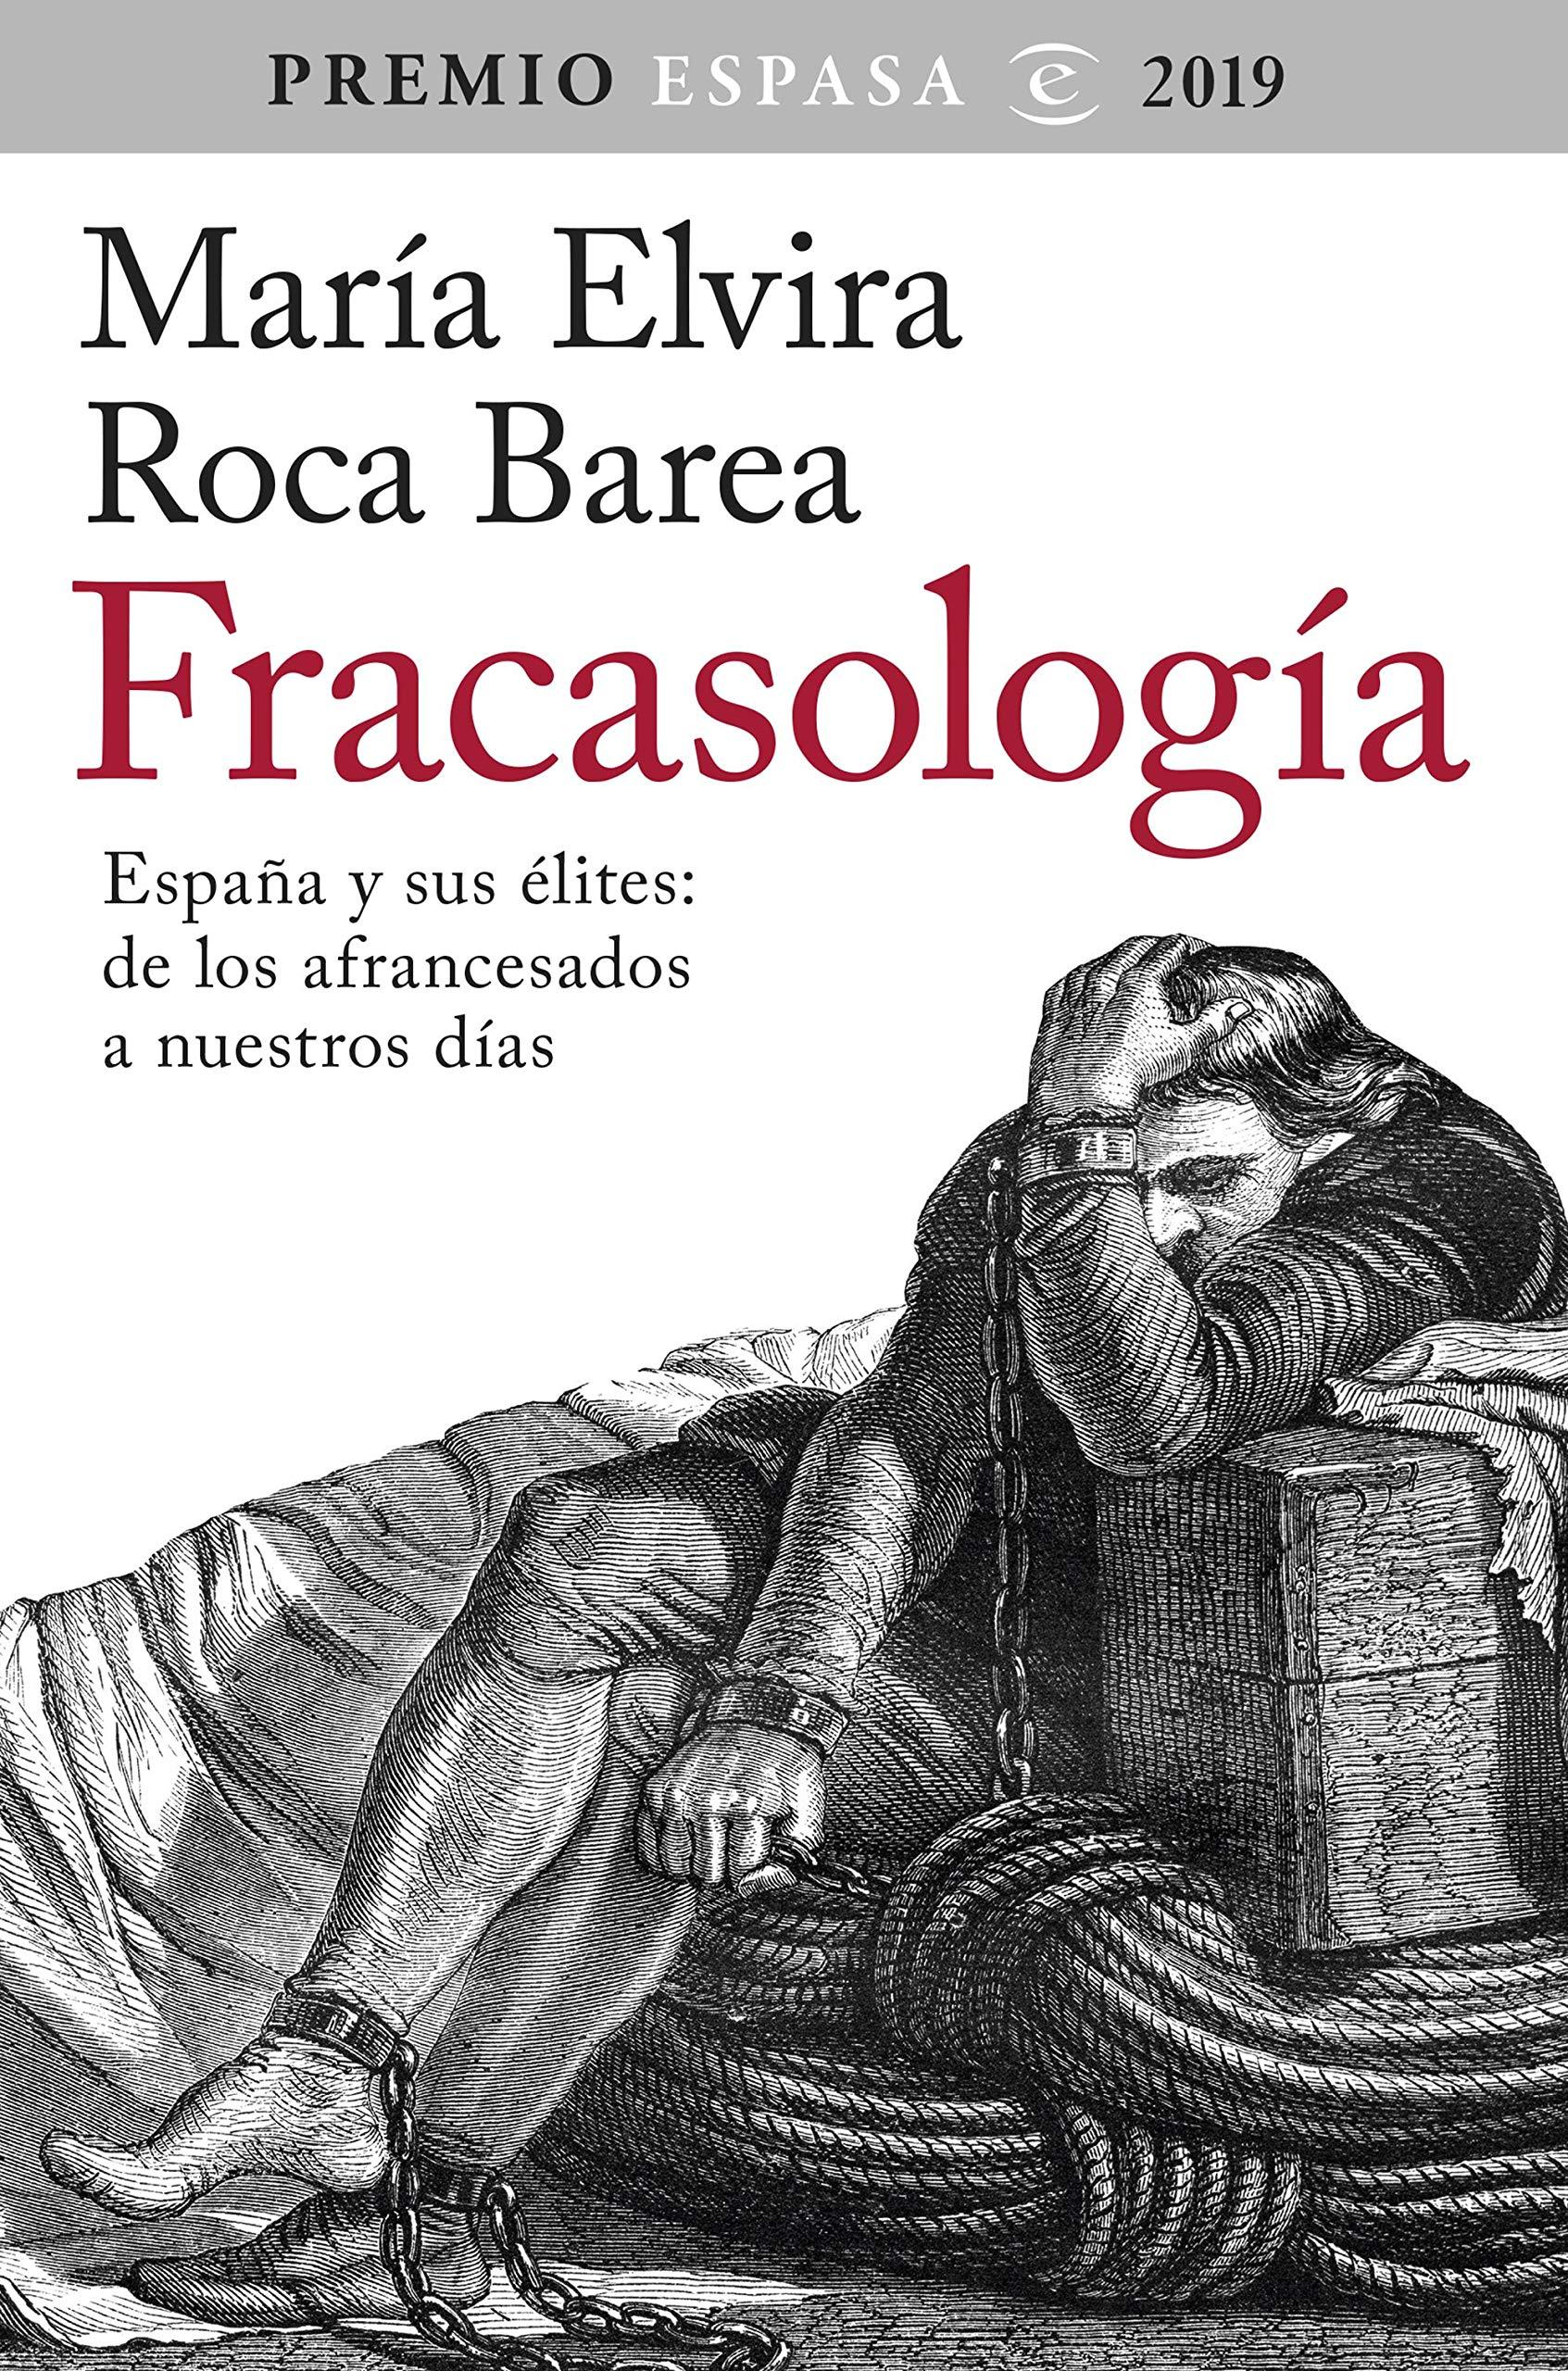 Fracasología: España y sus élites: de los afrancesados a nuestros días. Premio Espasa 2019 F. COLECCION: Amazon.es: Roca Barea, María Elvira: Libros